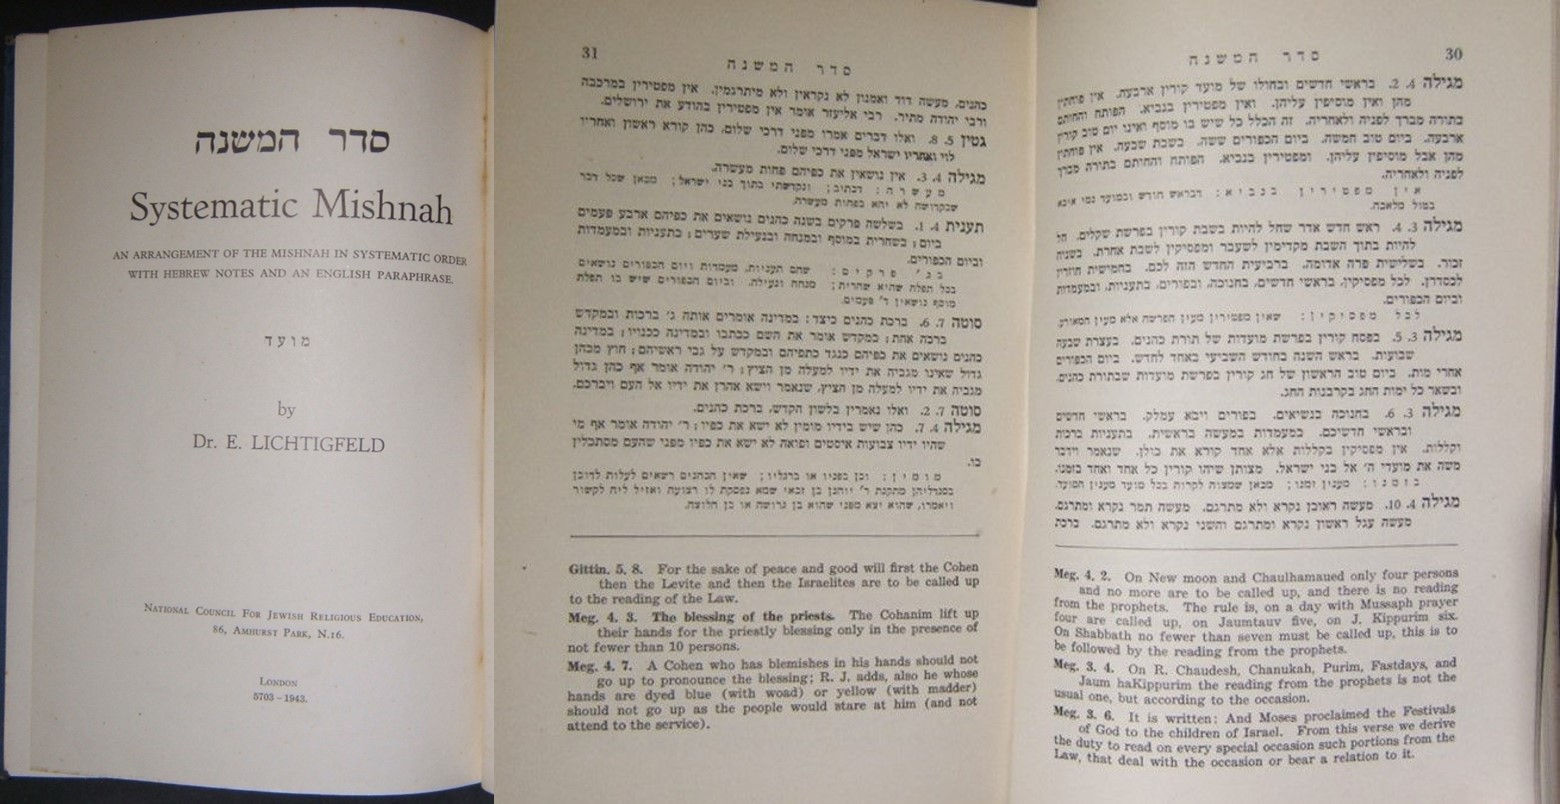 التعليم اليهودي في فترة الهولوكوست سدر هميشنا كتاب اسحق اميل Lichtigfeld 1943